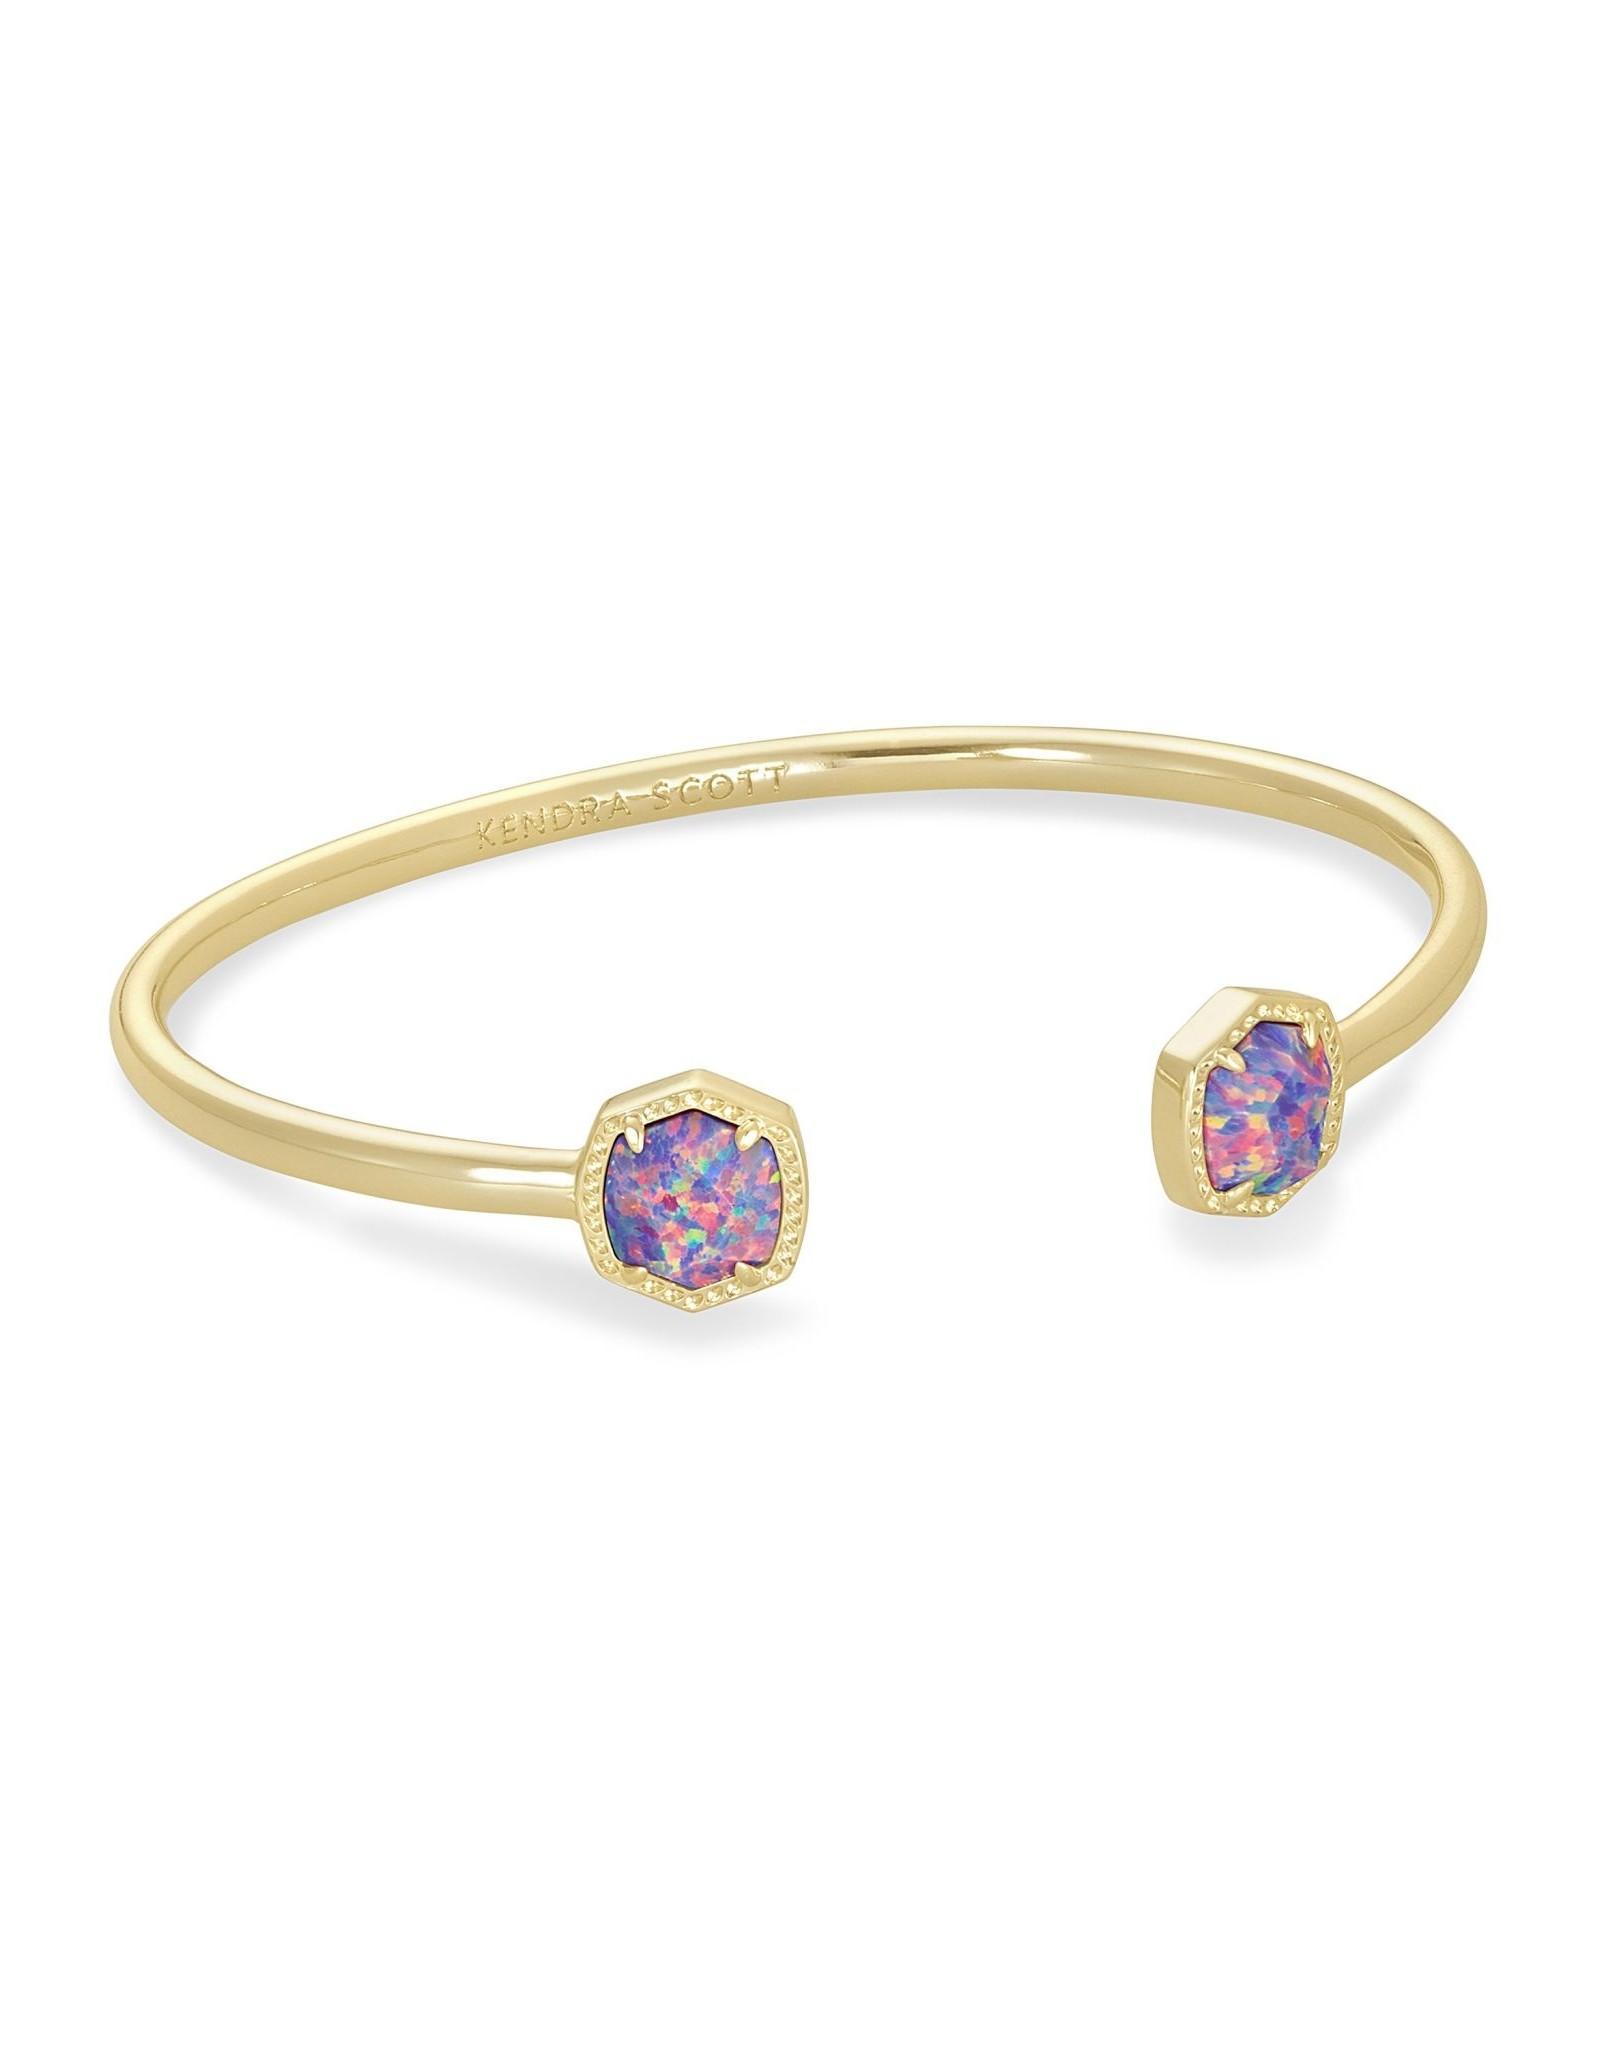 Kendra Scott Davie Cuff Bracelet - Lavender Opal/Gold